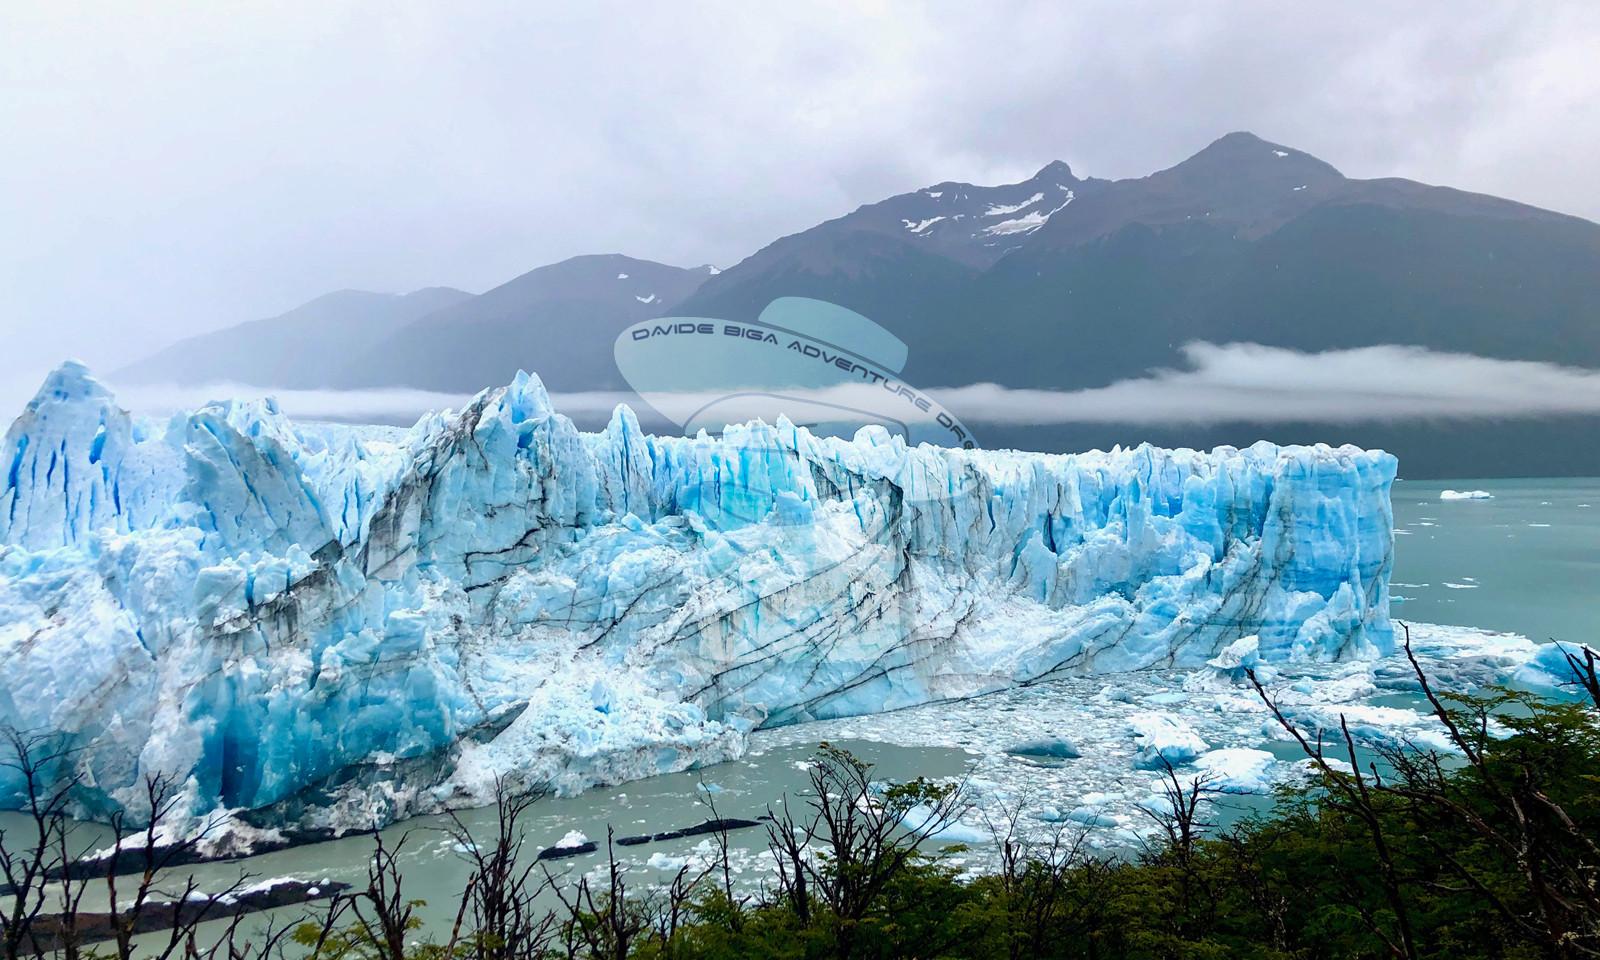 Ghiacciaio Perito Moreno, Patagonia